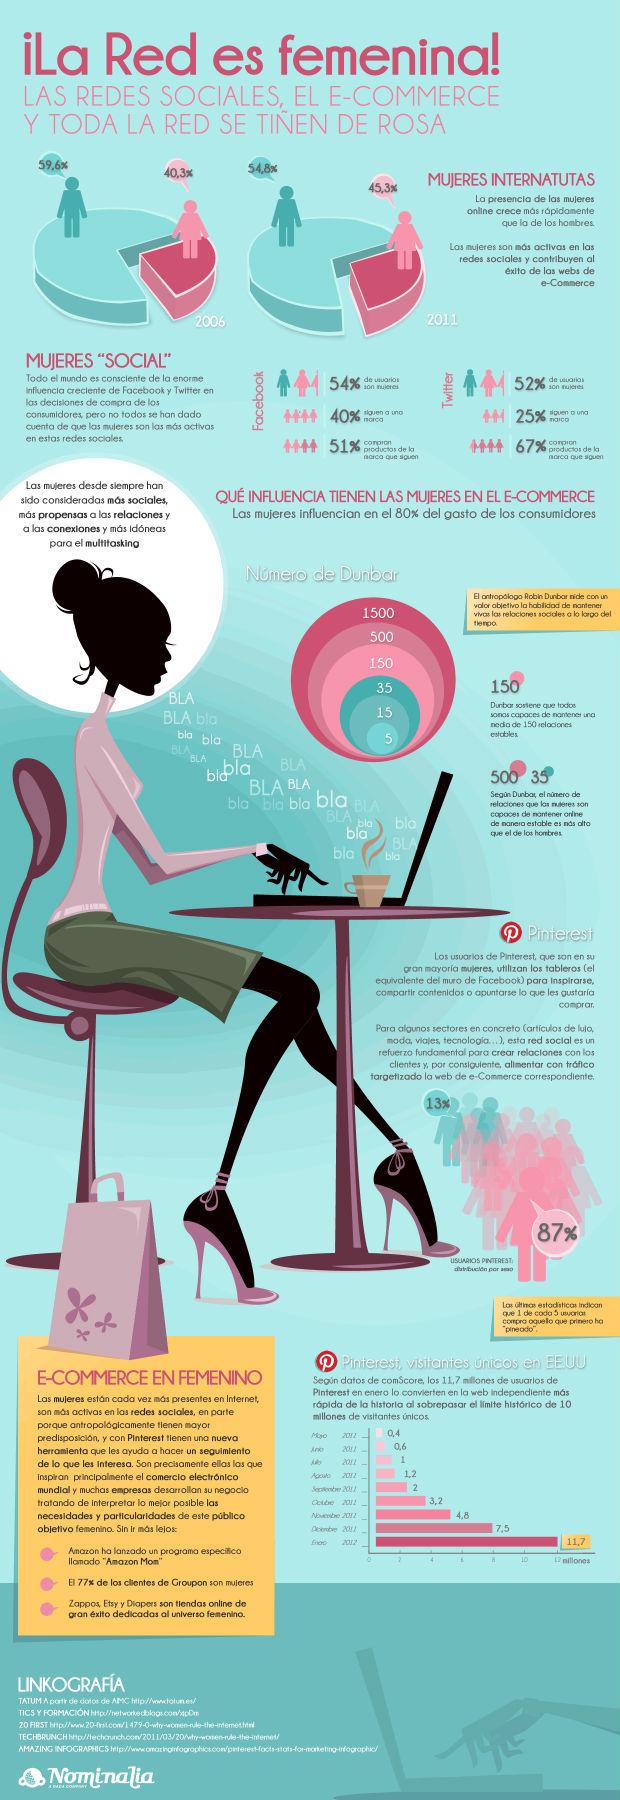 Rápido crecimiento de mujeres en Internet y eCommerce